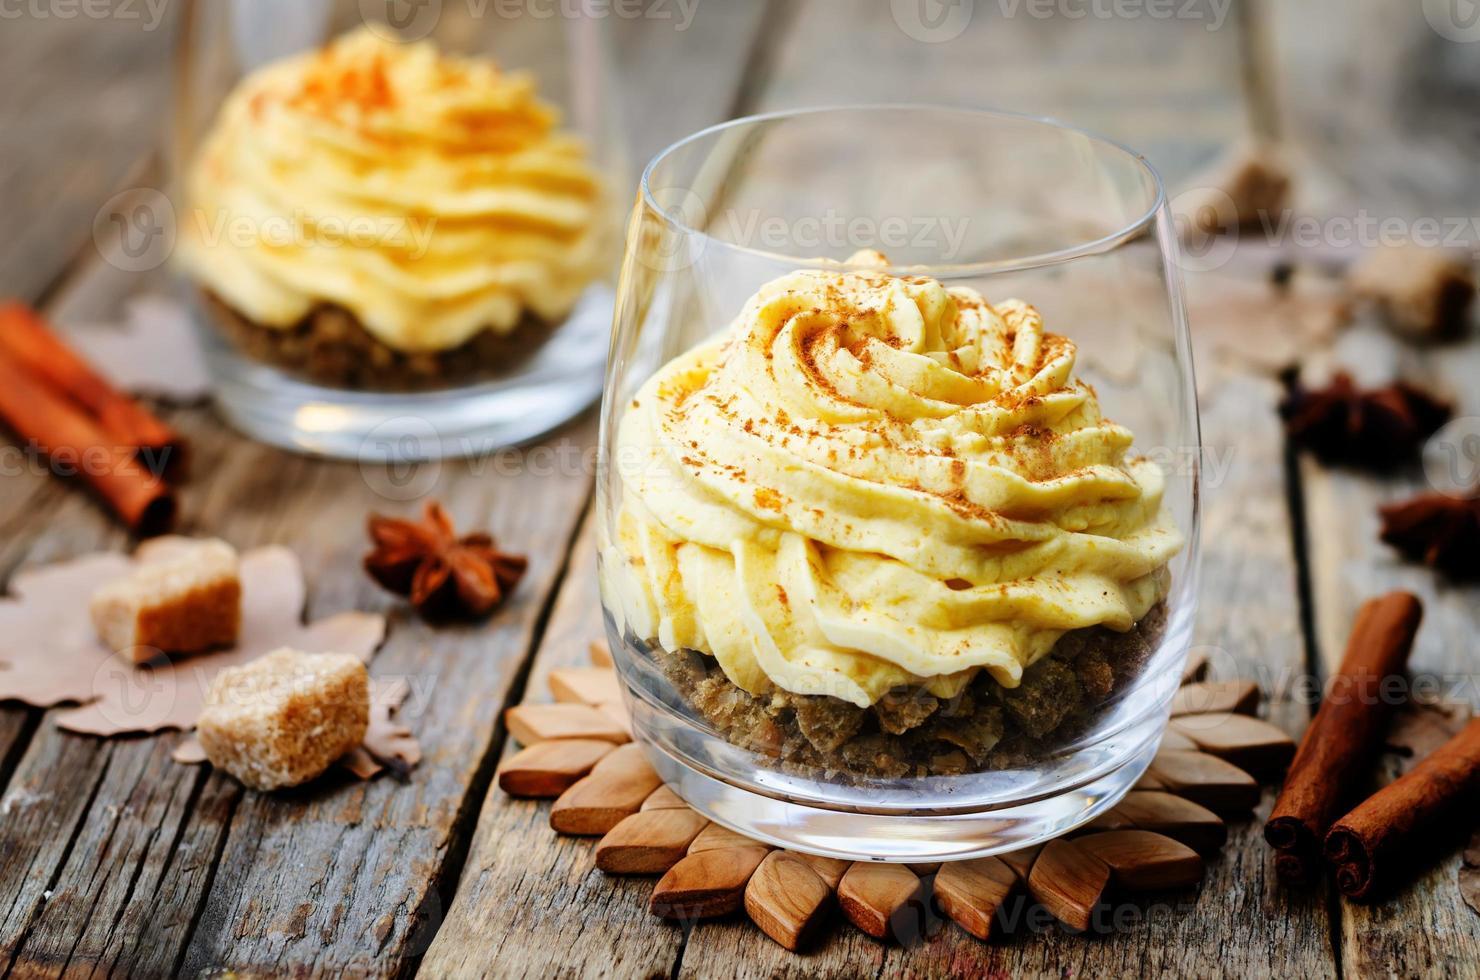 mousse de cheesecake de especiarias de abóbora foto